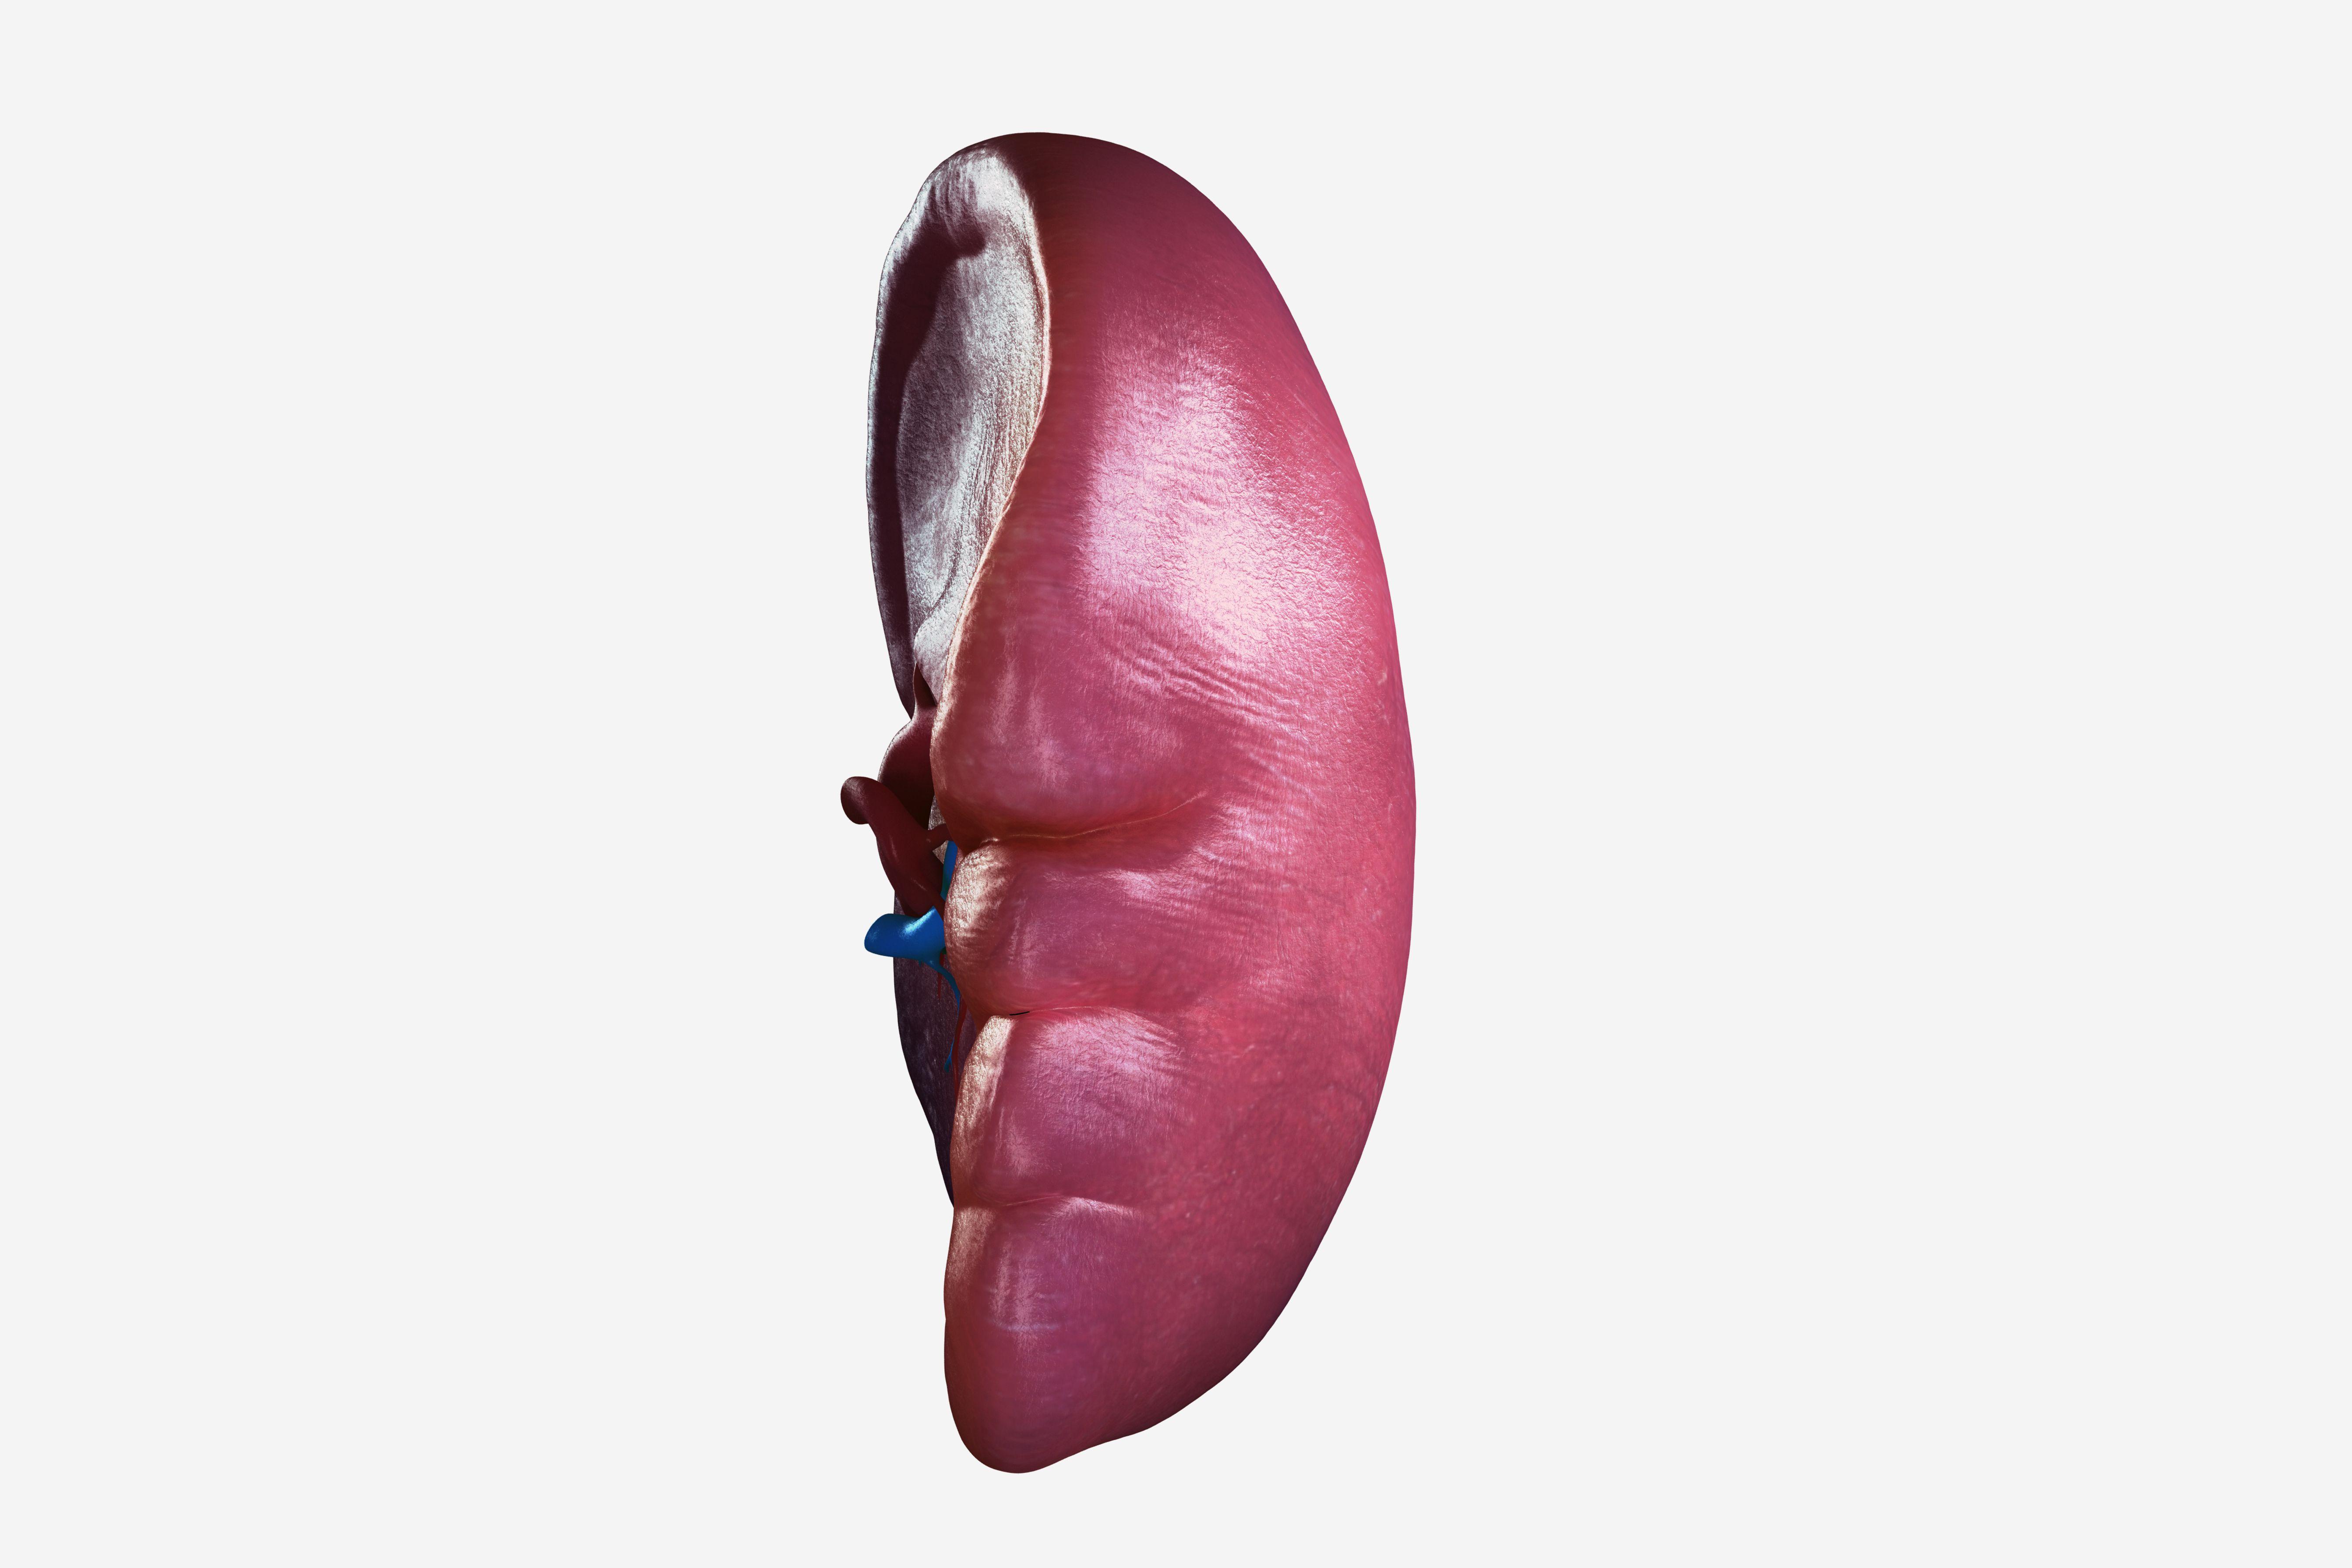 Splenectomy Is The Spleen Removal Surgery